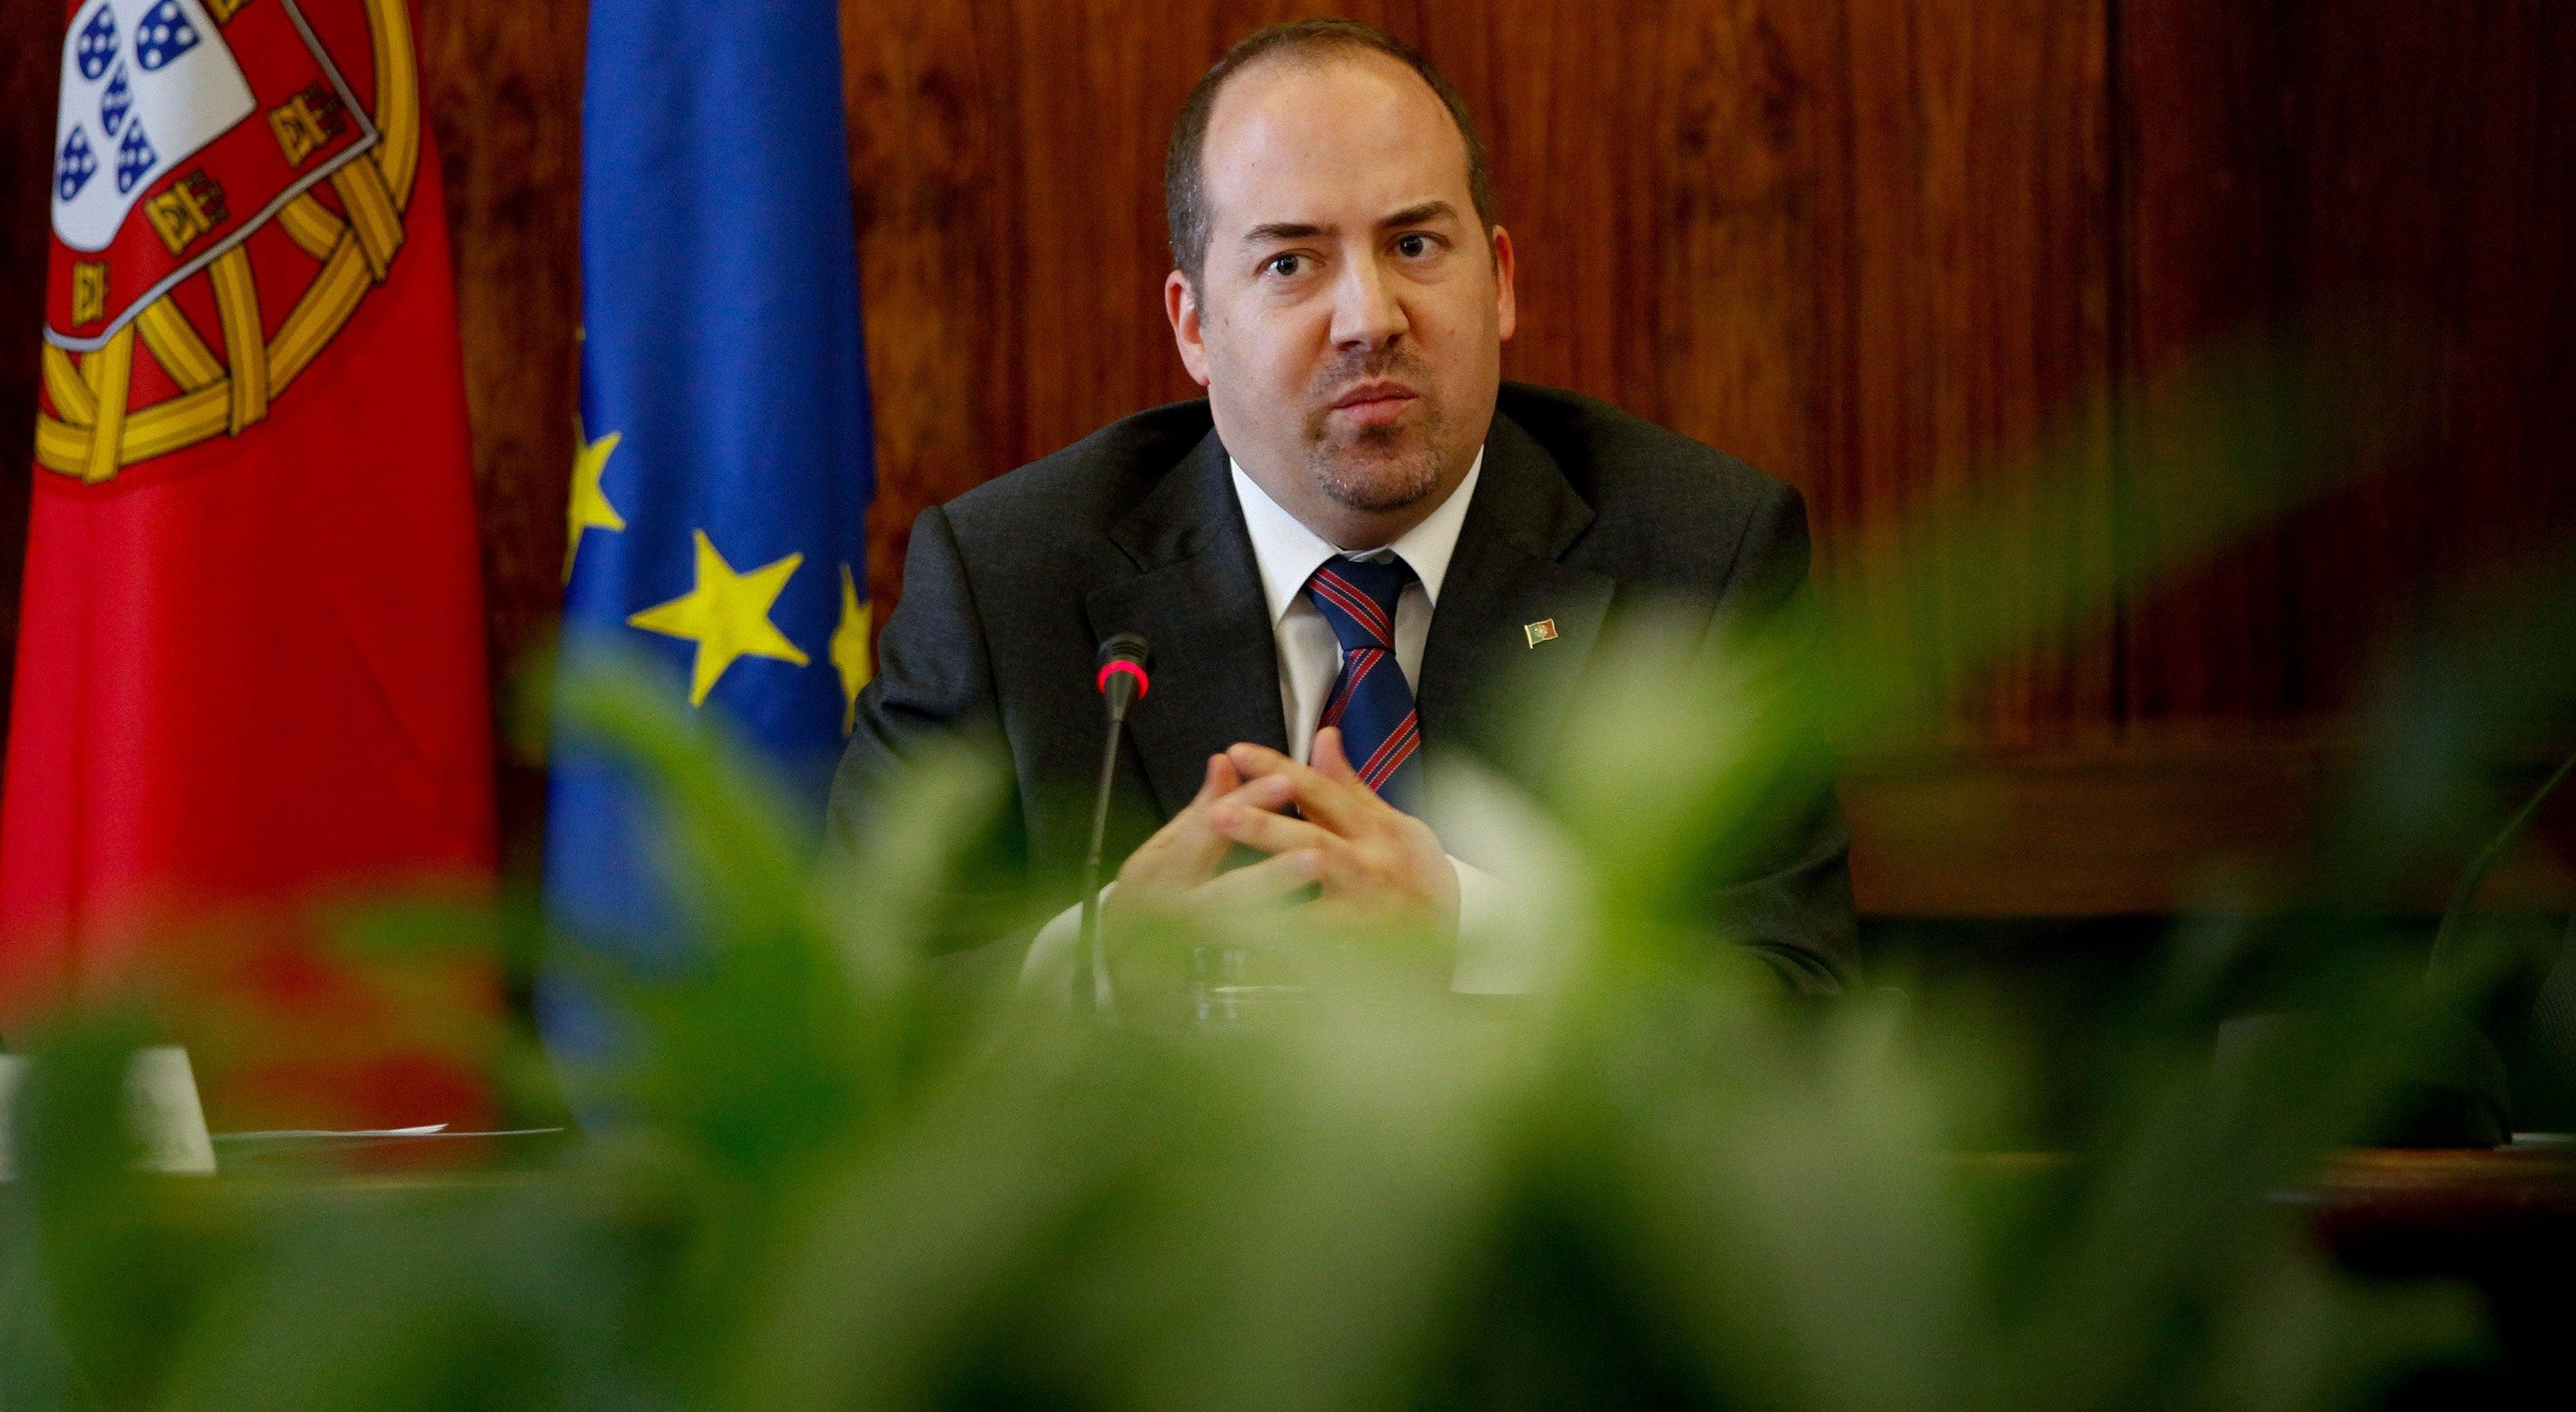 Governo acerta suspensão de quatro feriados a partir de 2013 debaixo de críticas